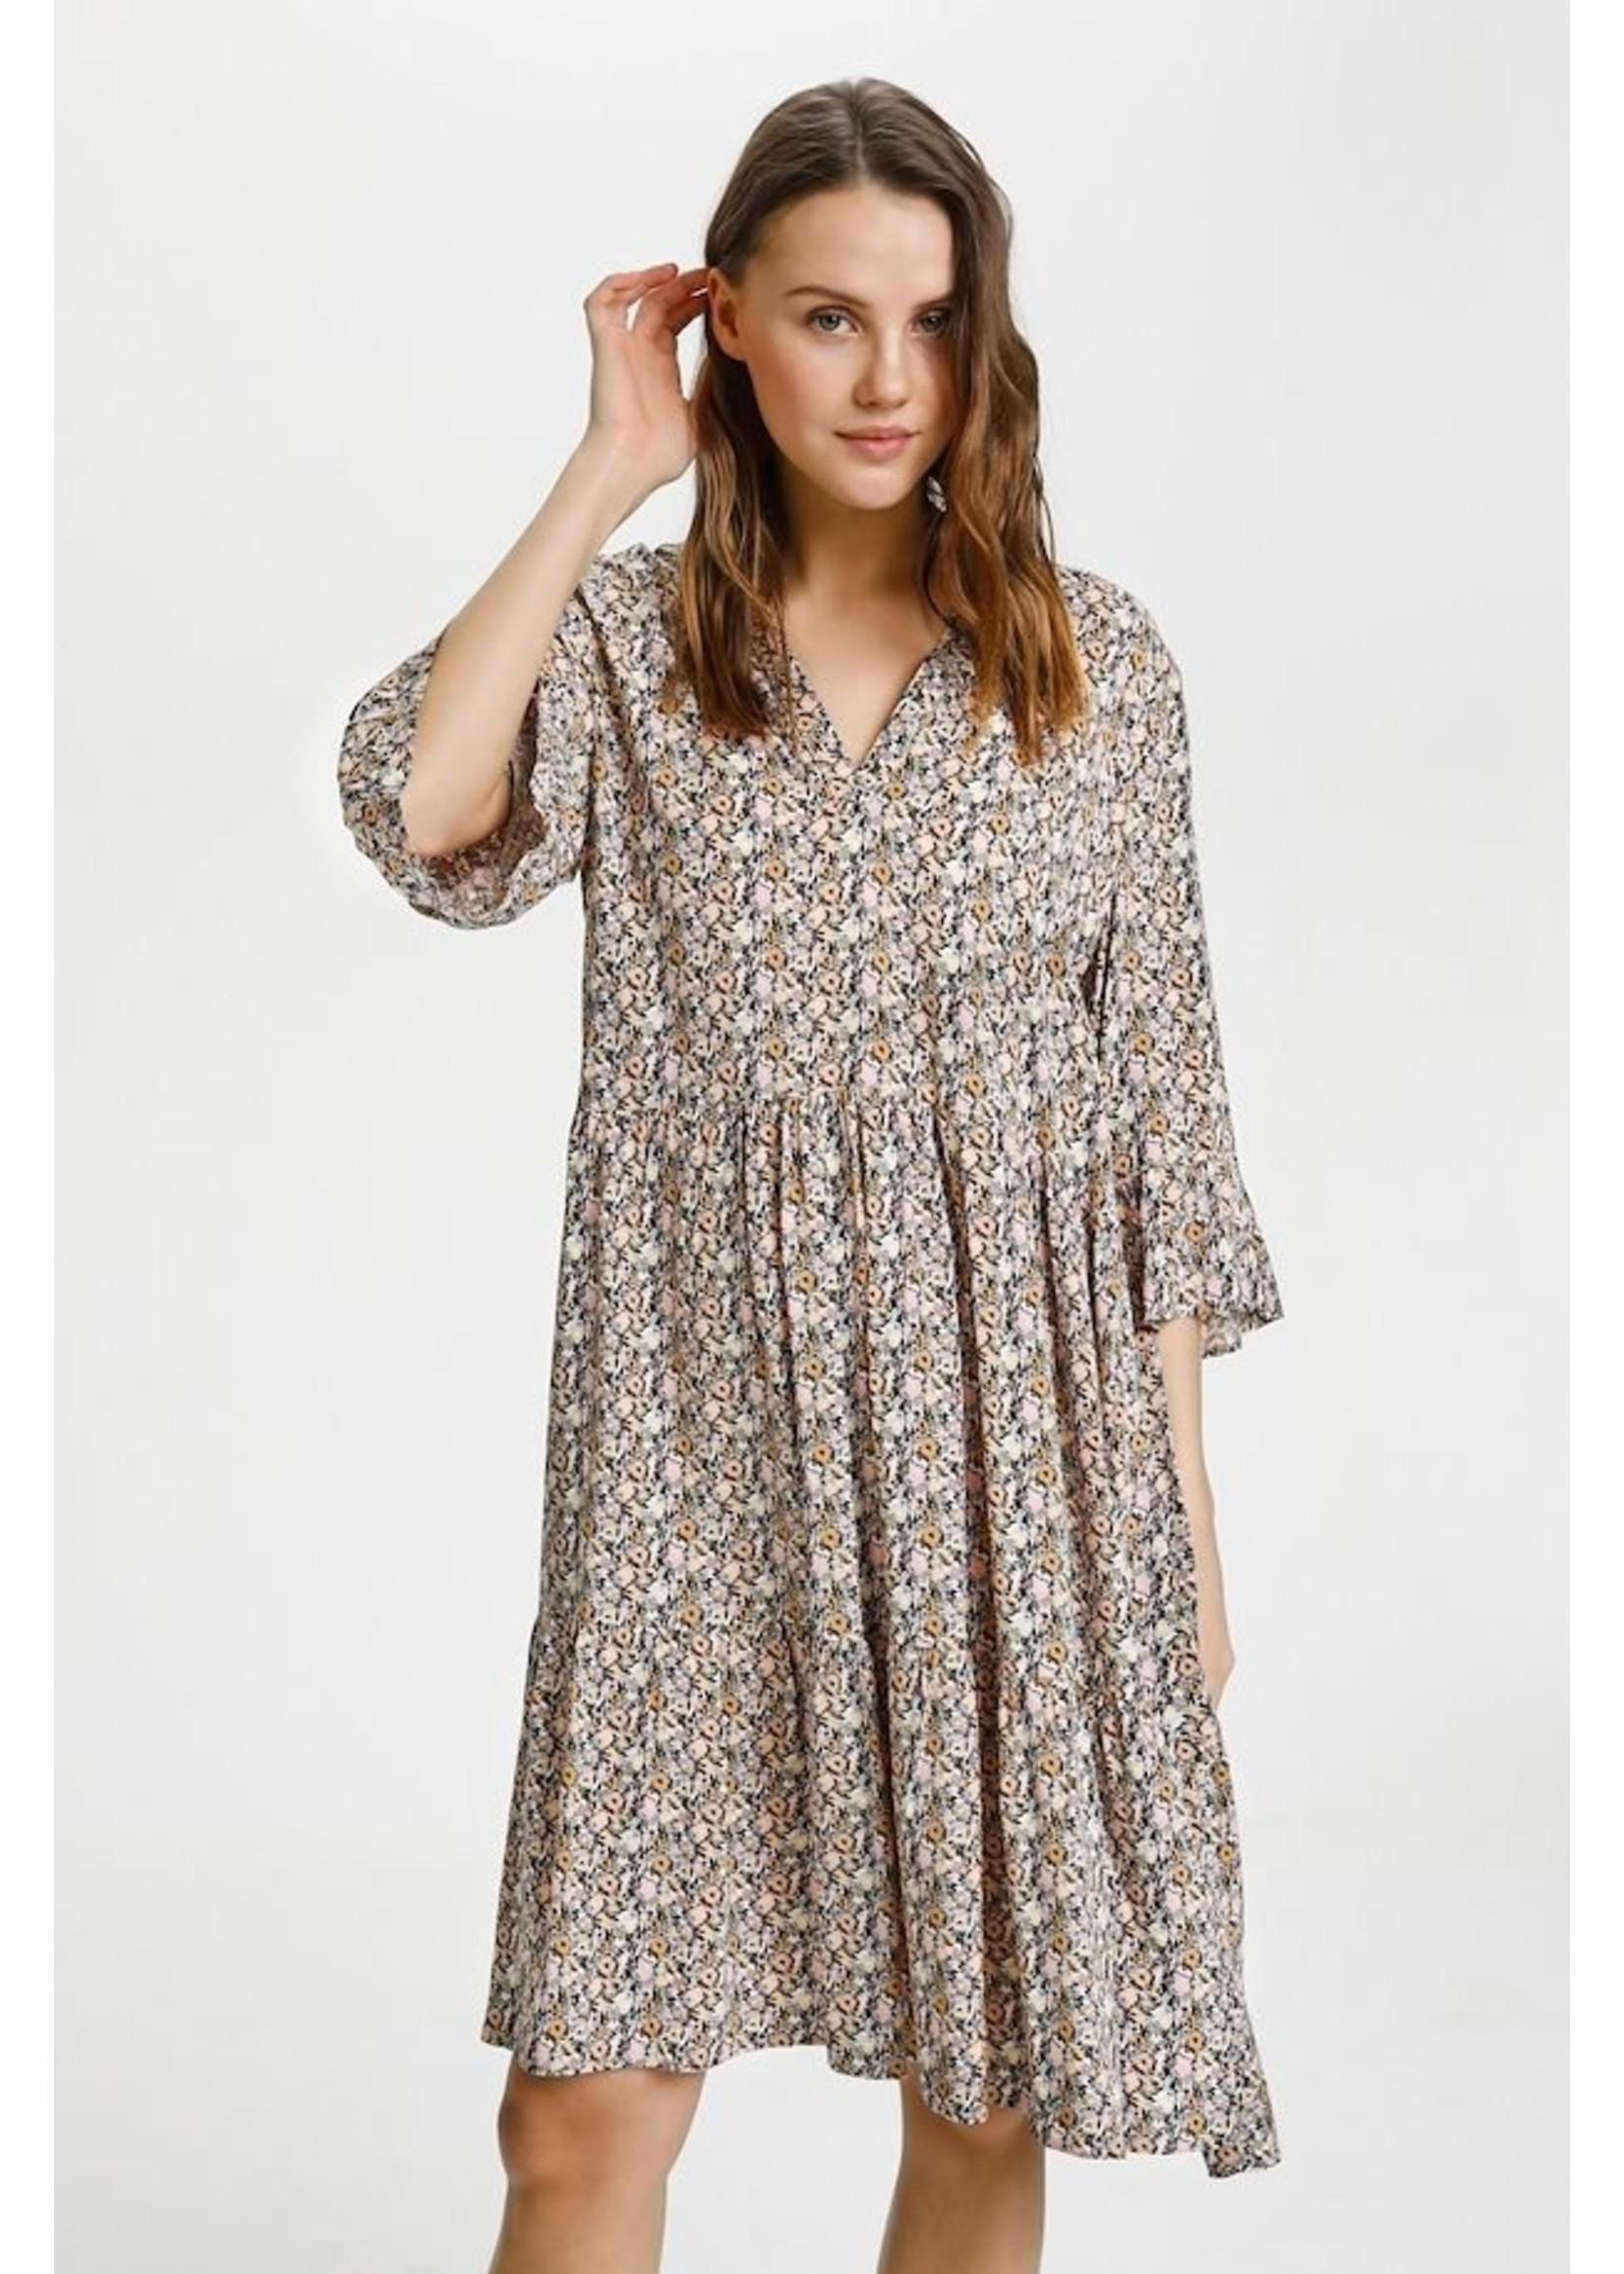 Saint Tropez Dress-light woven EdaSZ Dress